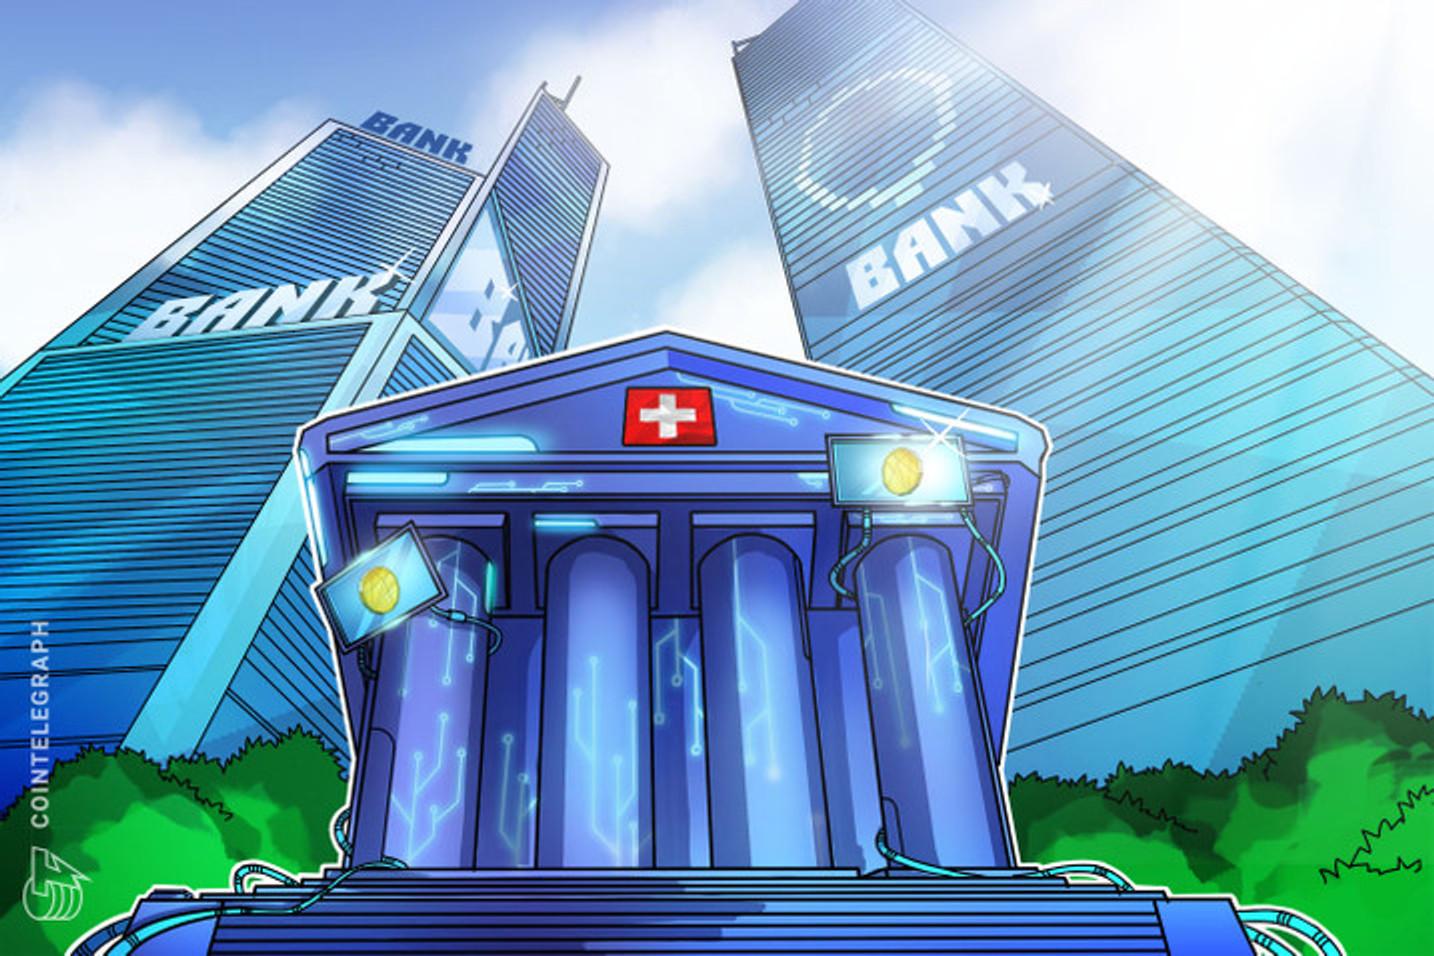 Umfrage: Keine Krypto-Anlageoptionen bei Schweizer Regionalbanken